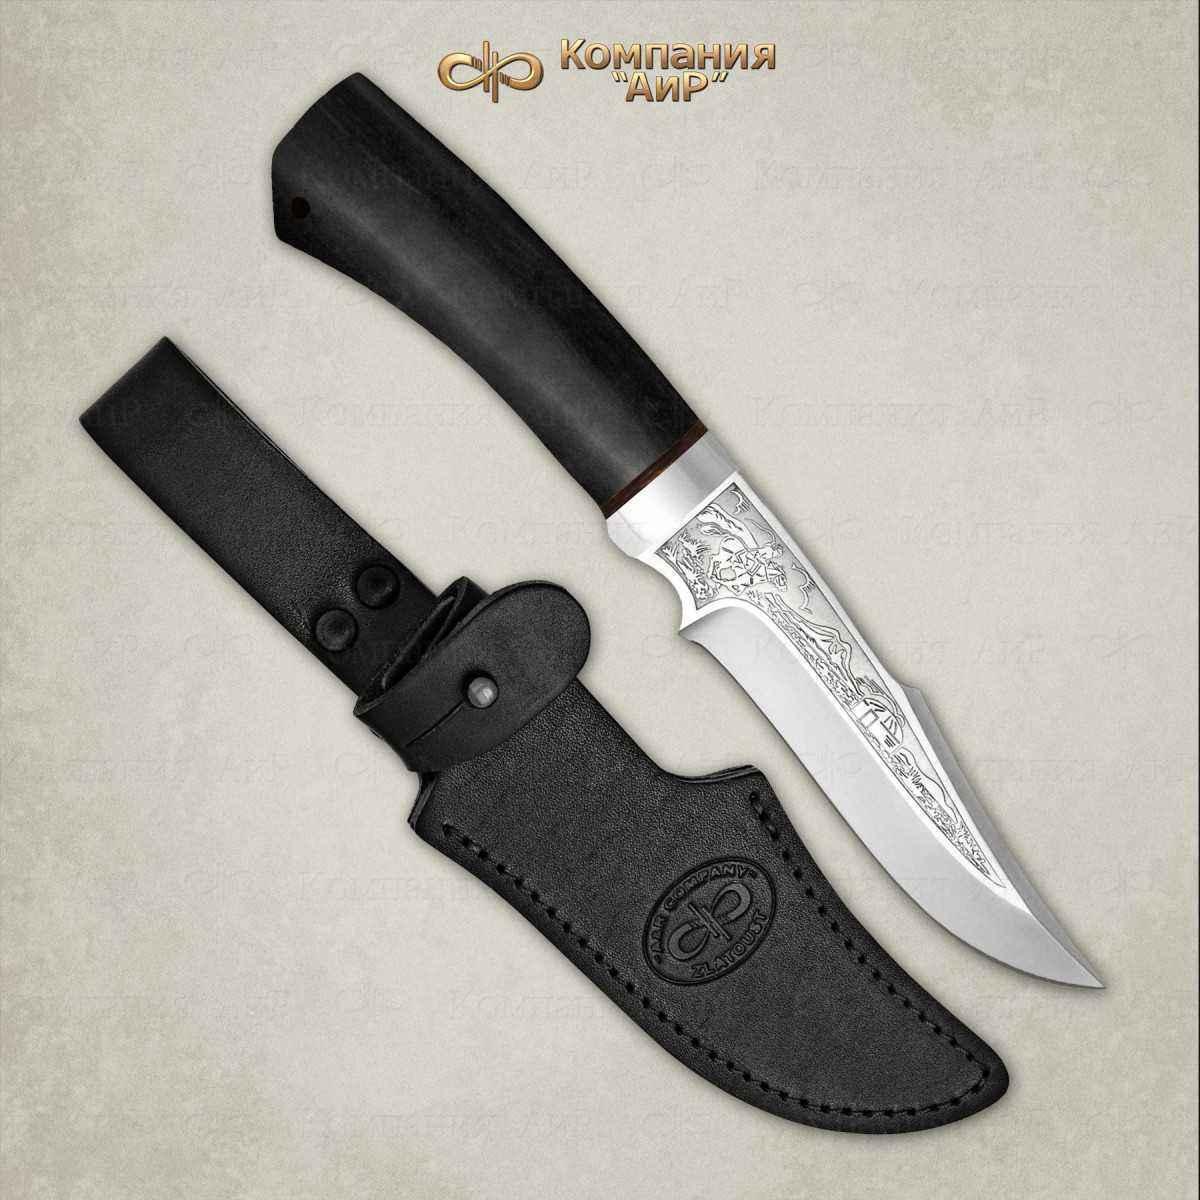 Фото - Нож АиР Хазар, сталь 110х18 М-ШД, рукоять граб нож казацкий засапожный сталь 110х18 рукоять граб